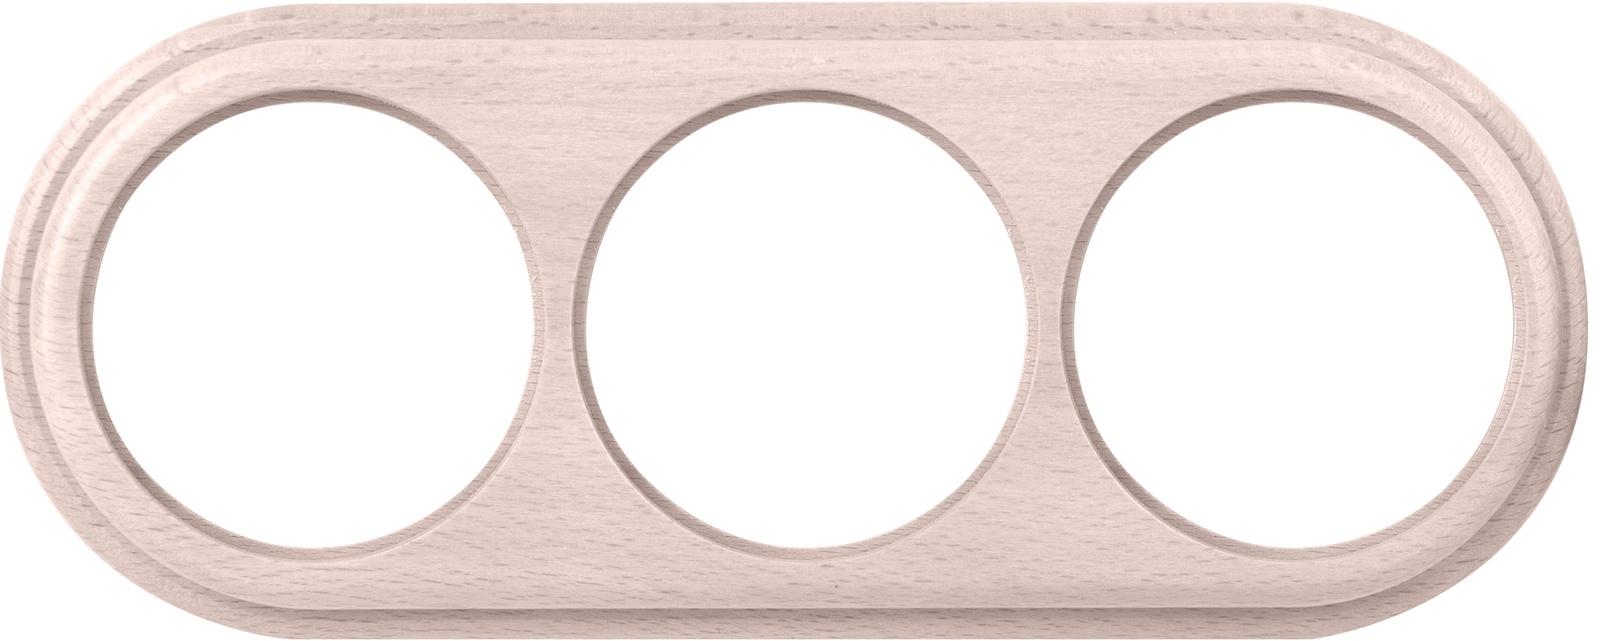 Рамка электроустановочная Werkel на 3 поста беленый дуб WL15-frame-03 светло-розовый